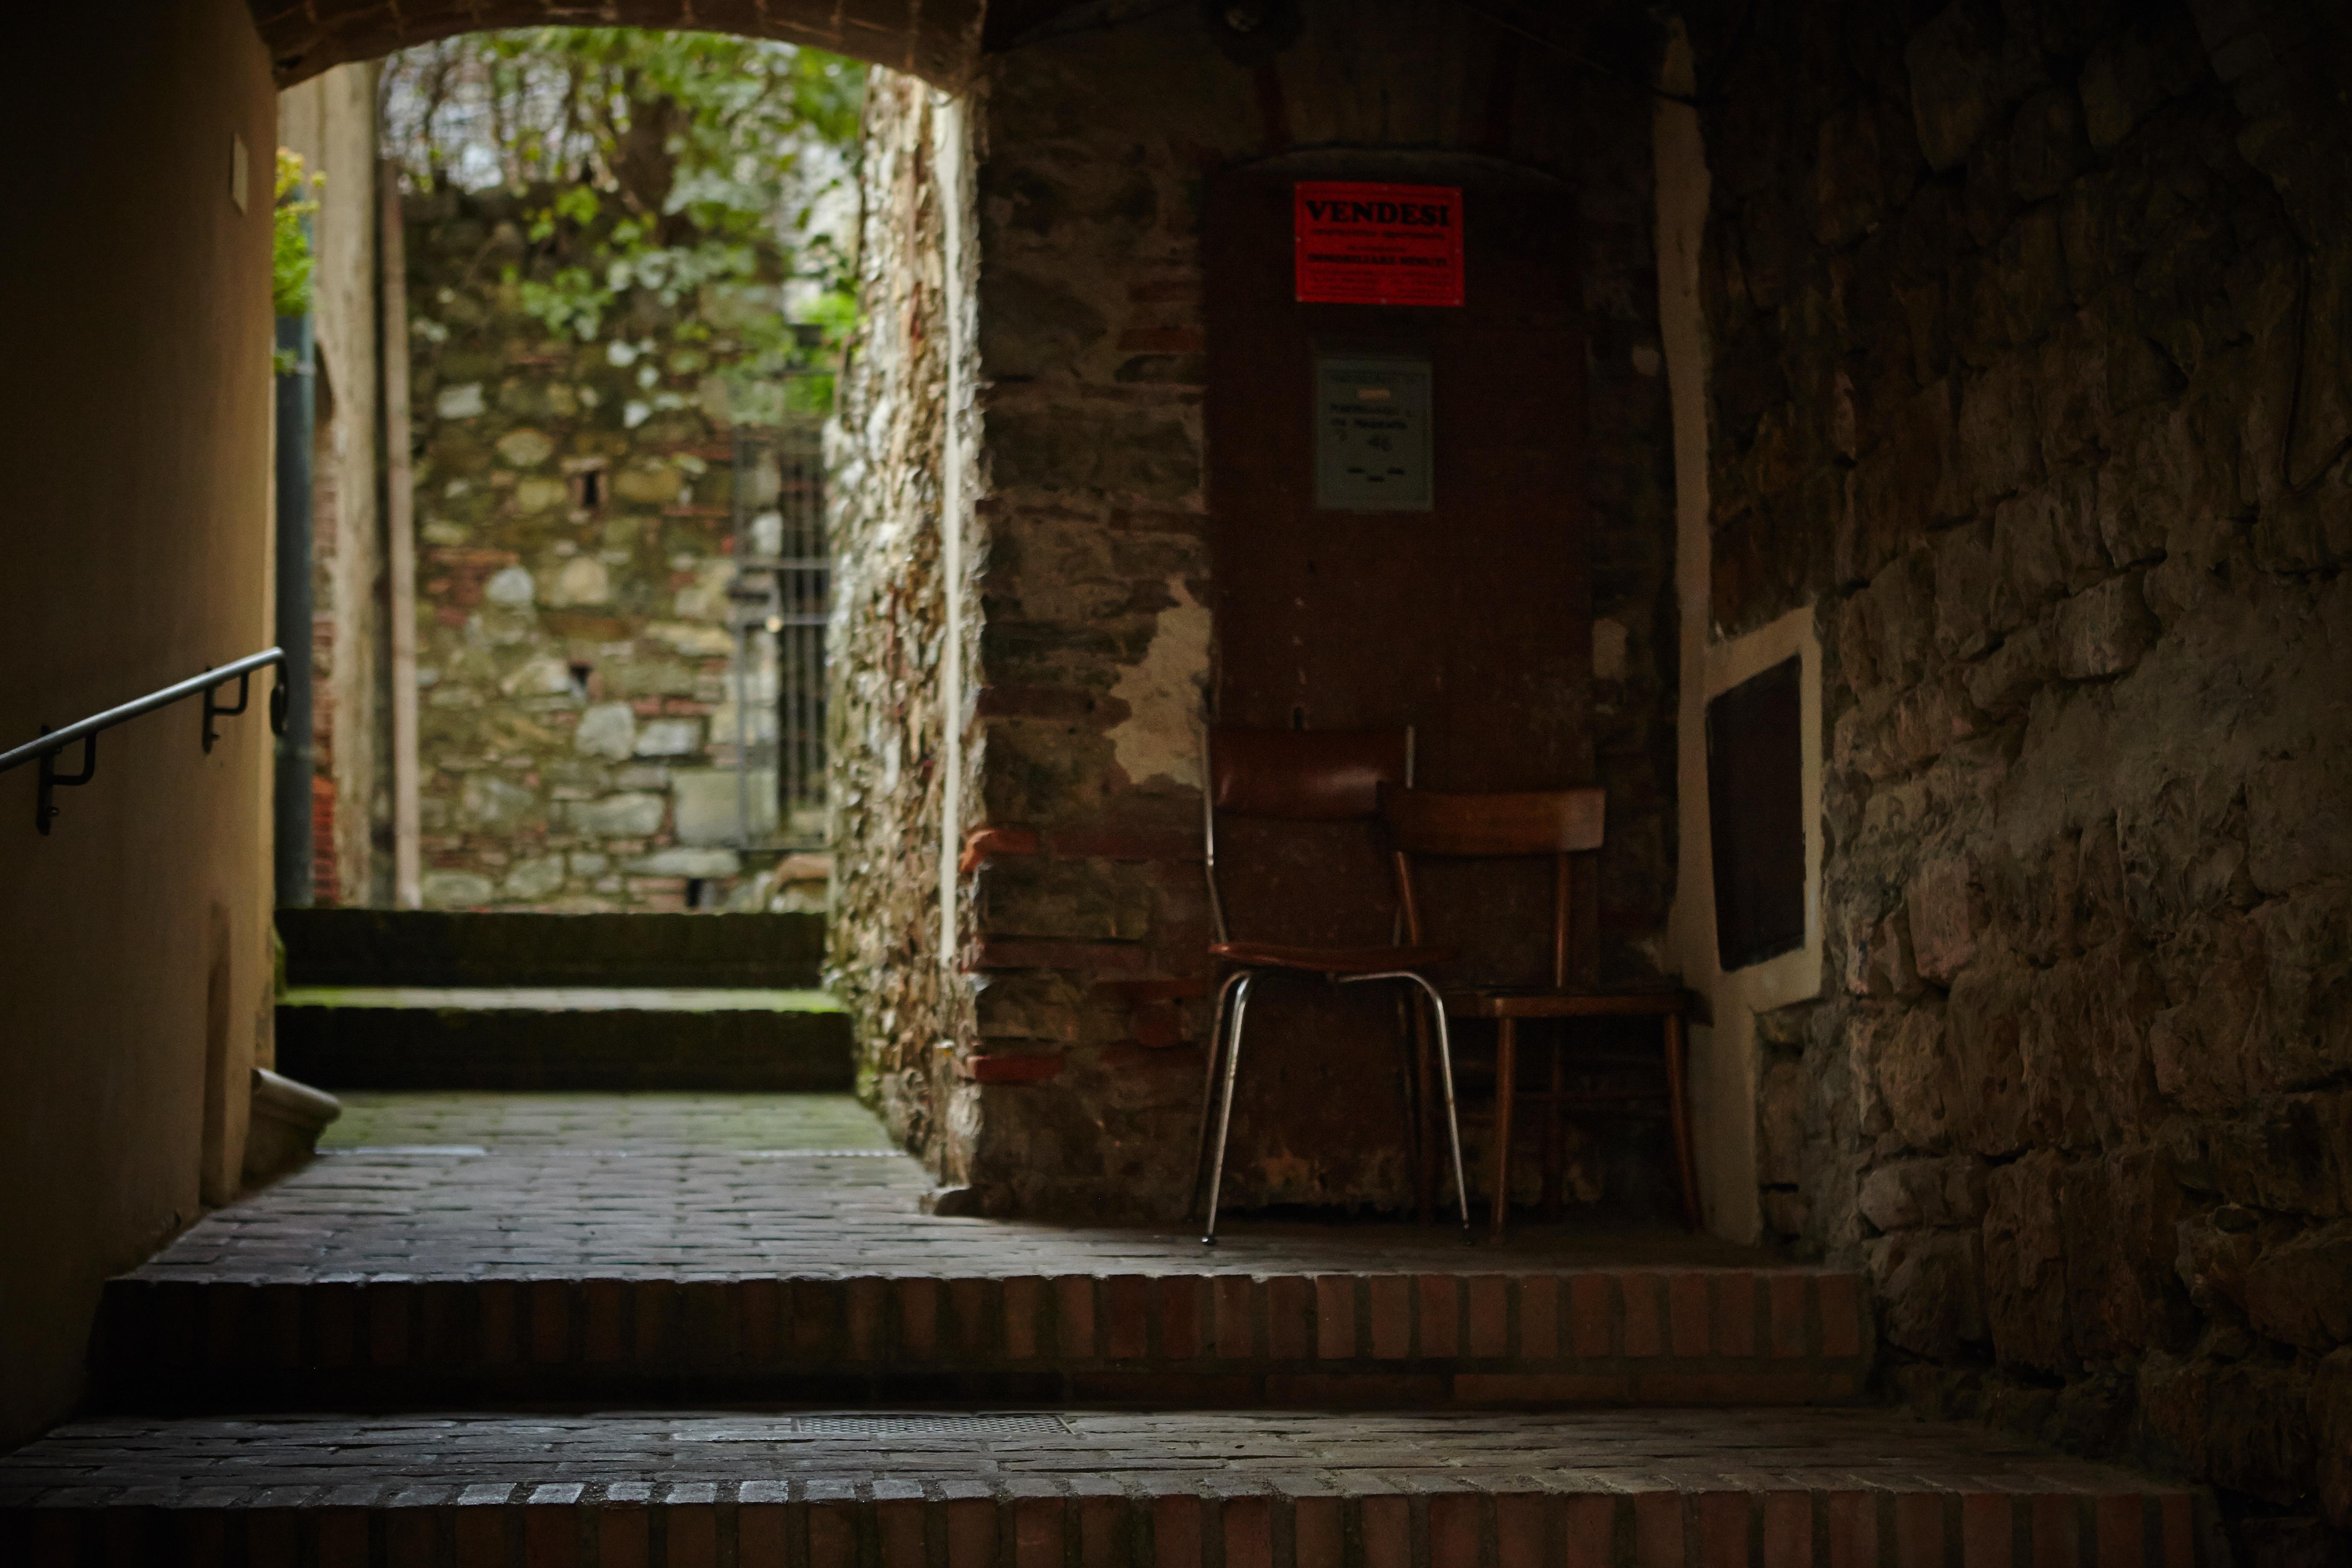 Gratis Afbeeldingen : licht, hout, huis, steeg, muur, huisje ...